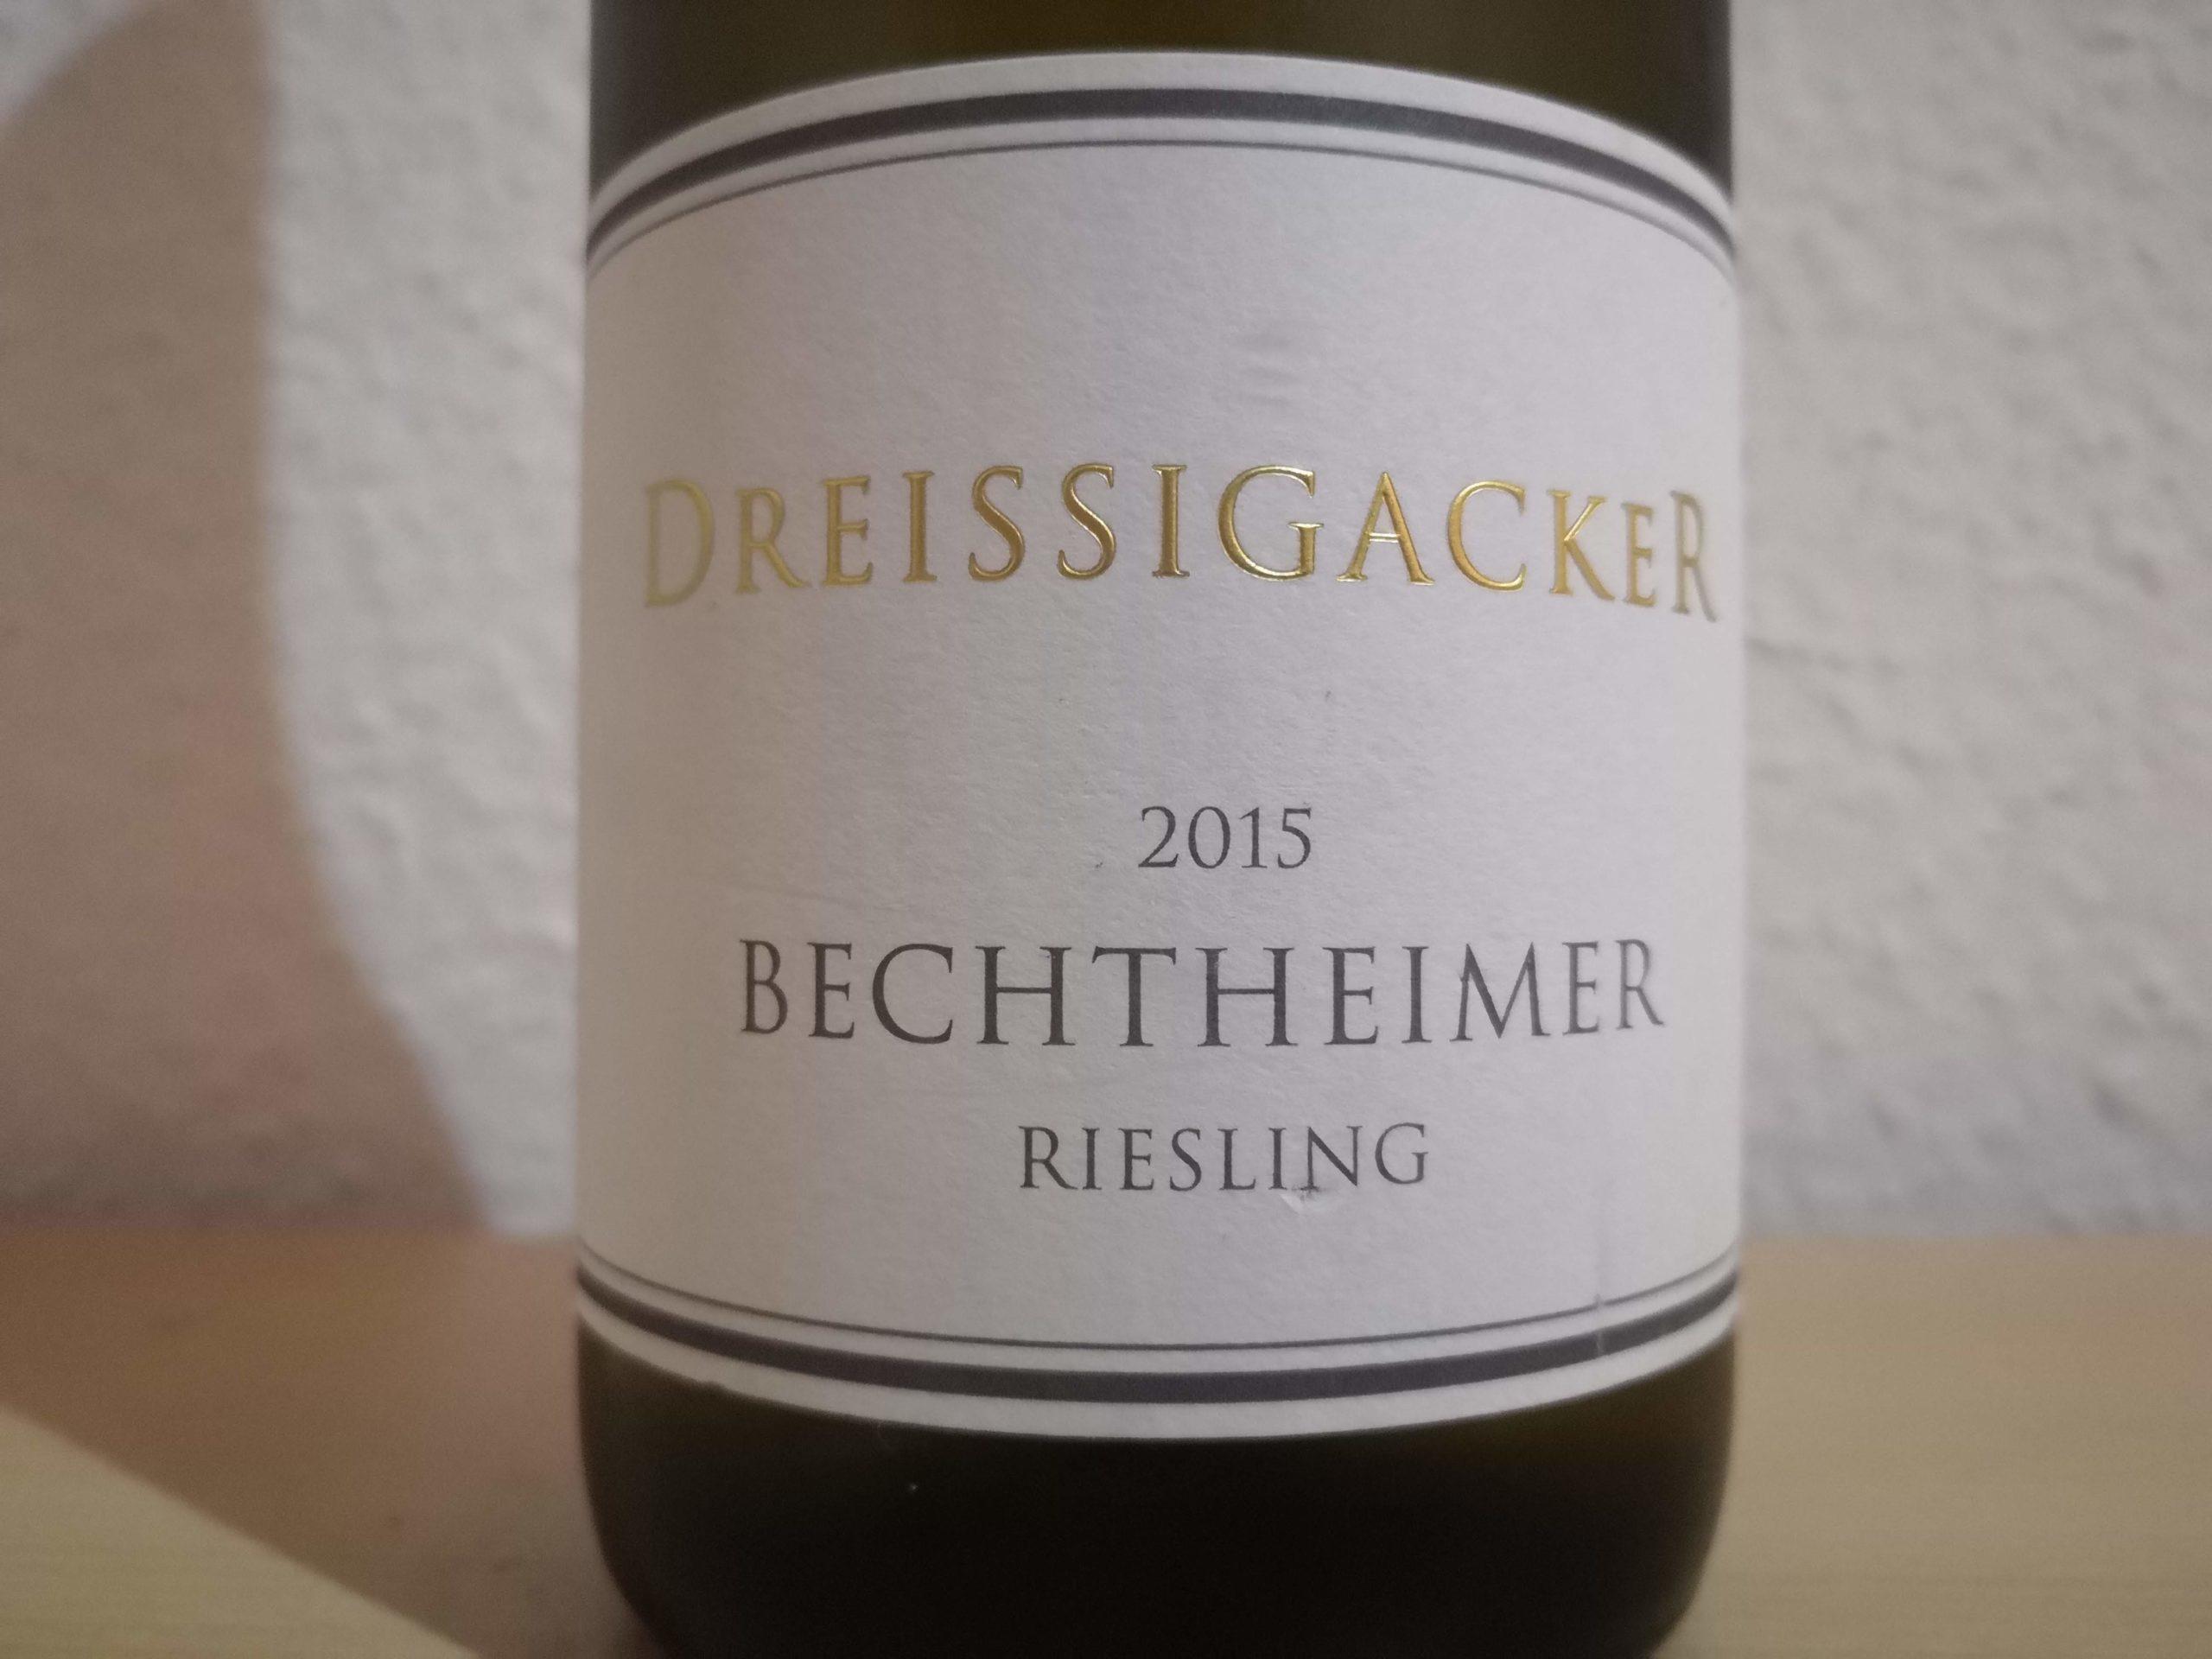 2015er Bechtheimer Riesling trocken – Weingut Dreissigacker